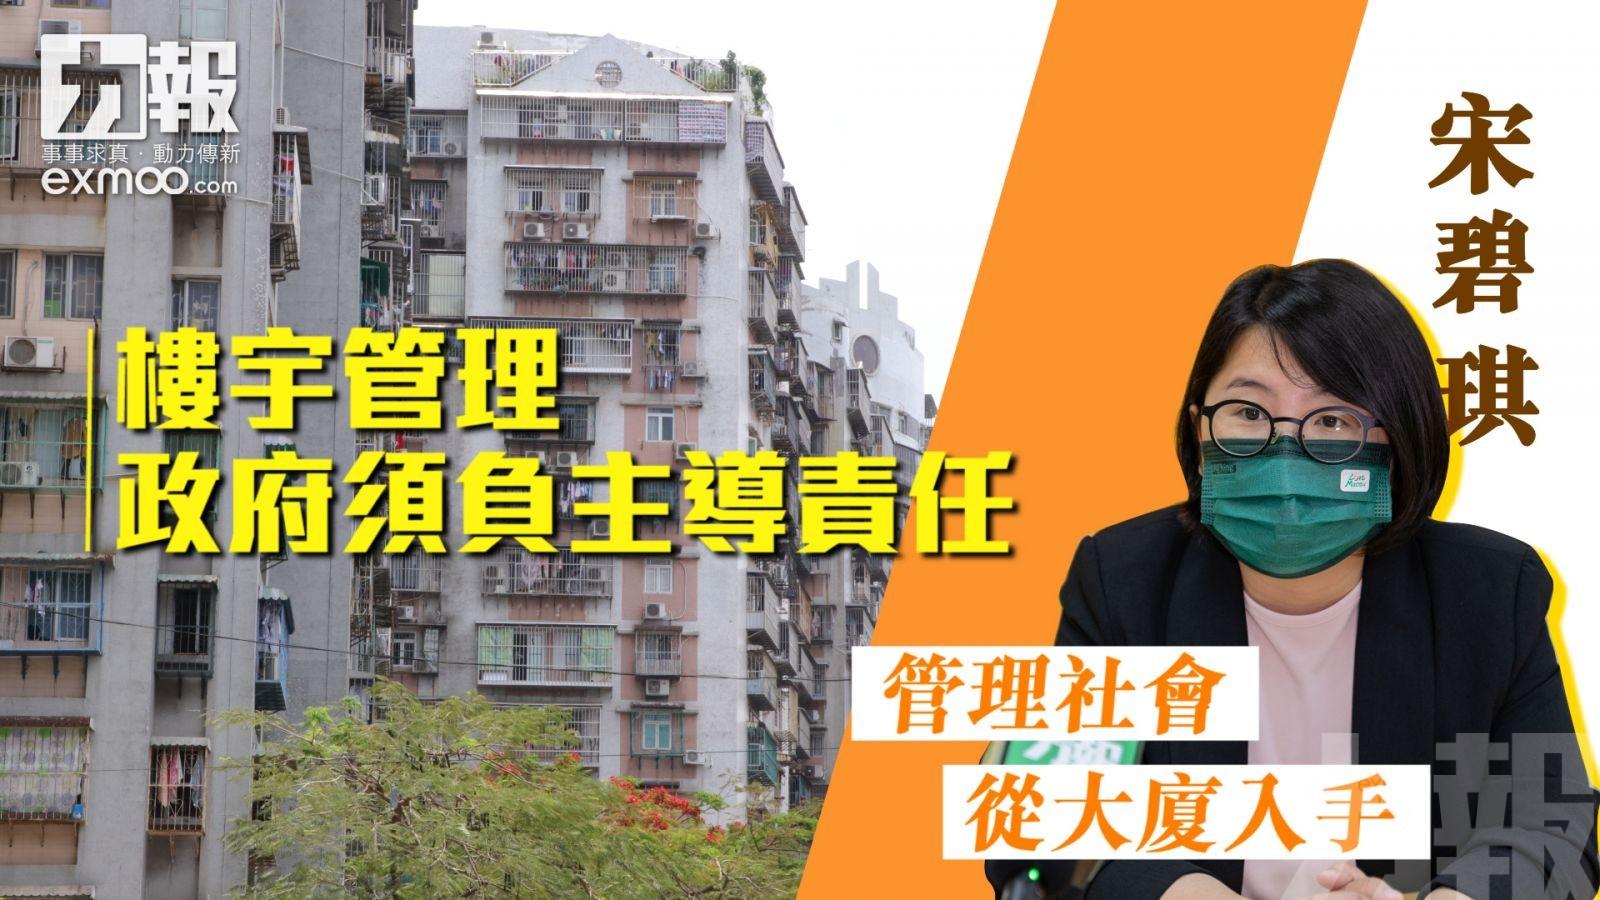 宋碧琪:管理社會 從大廈入手